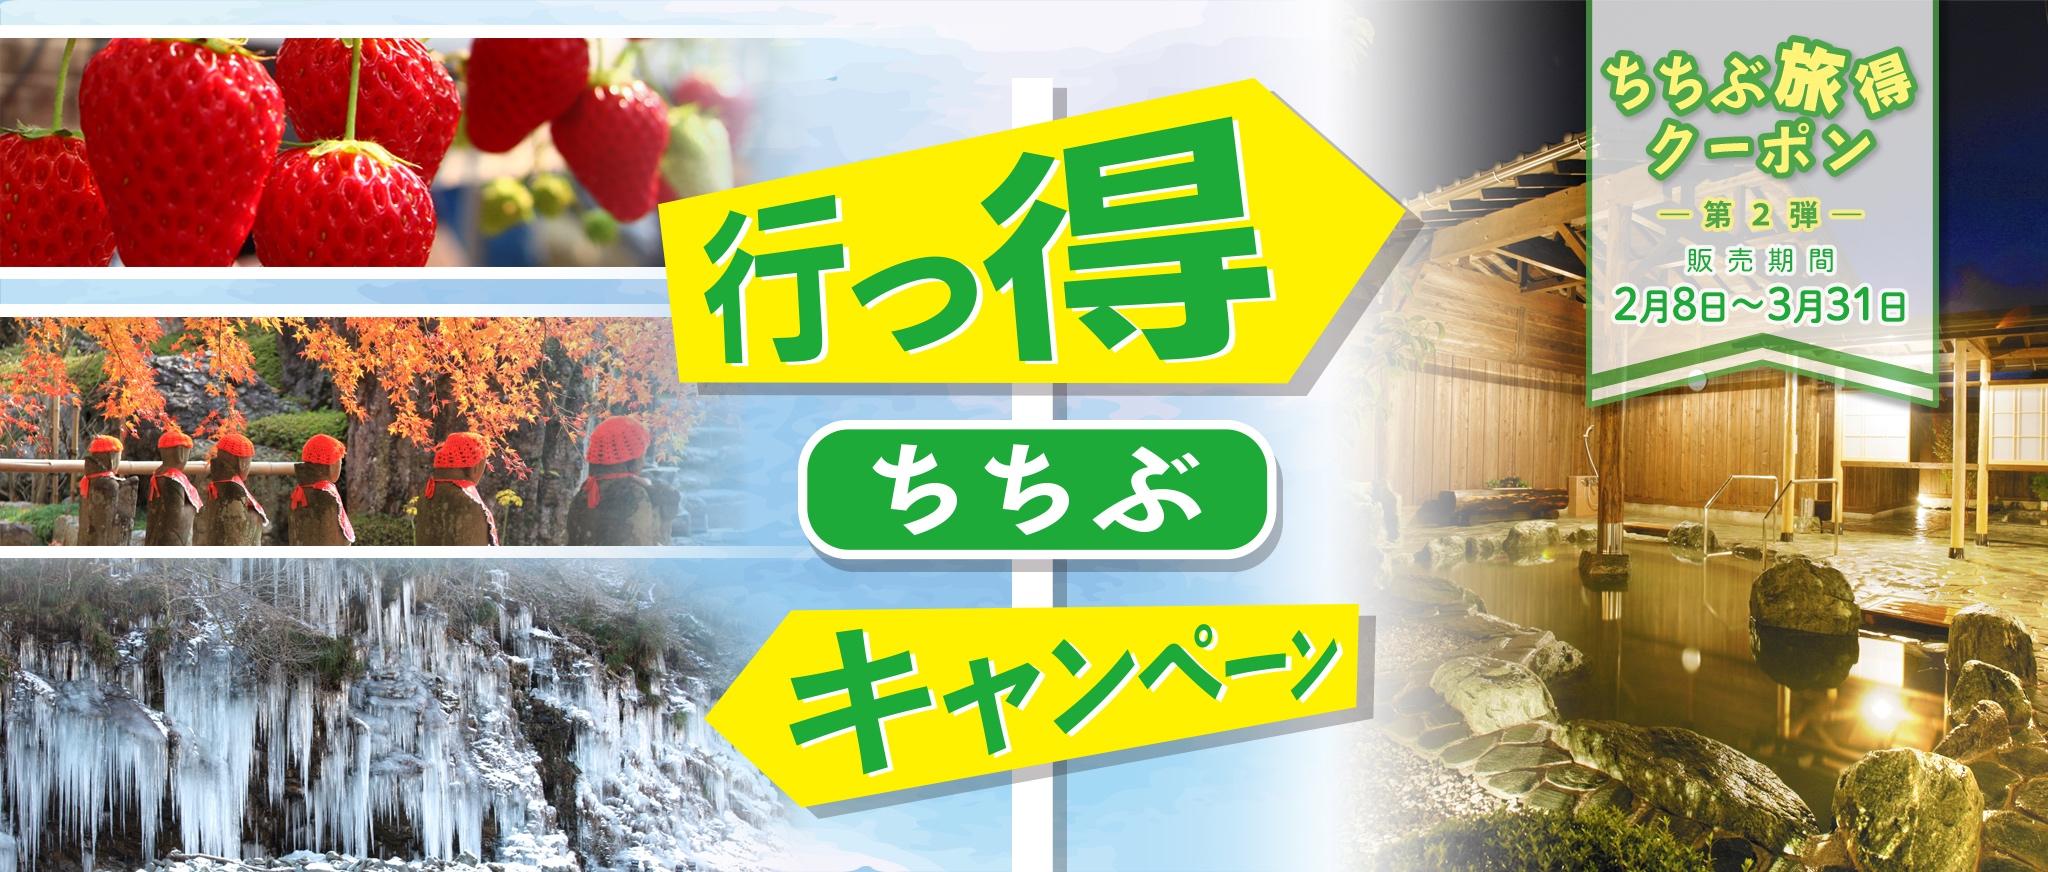 """行っ得ちちぶキャンペーン """"ちちぶ旅得クーポン"""":メインイメージ"""